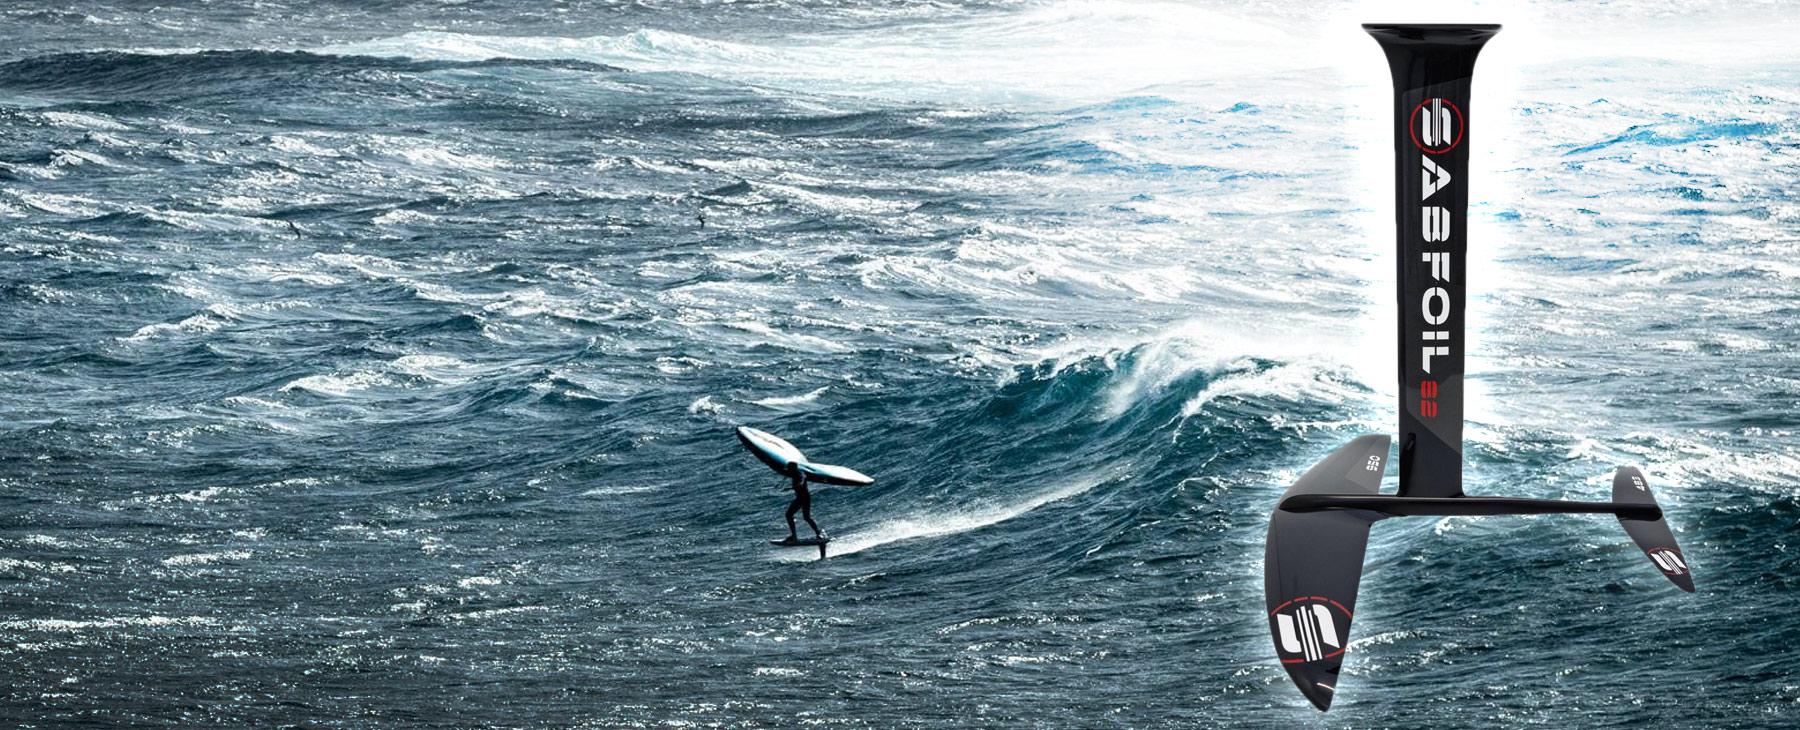 SABFOIL--la-ferrari-des-foils-de-kite-et-de-wing